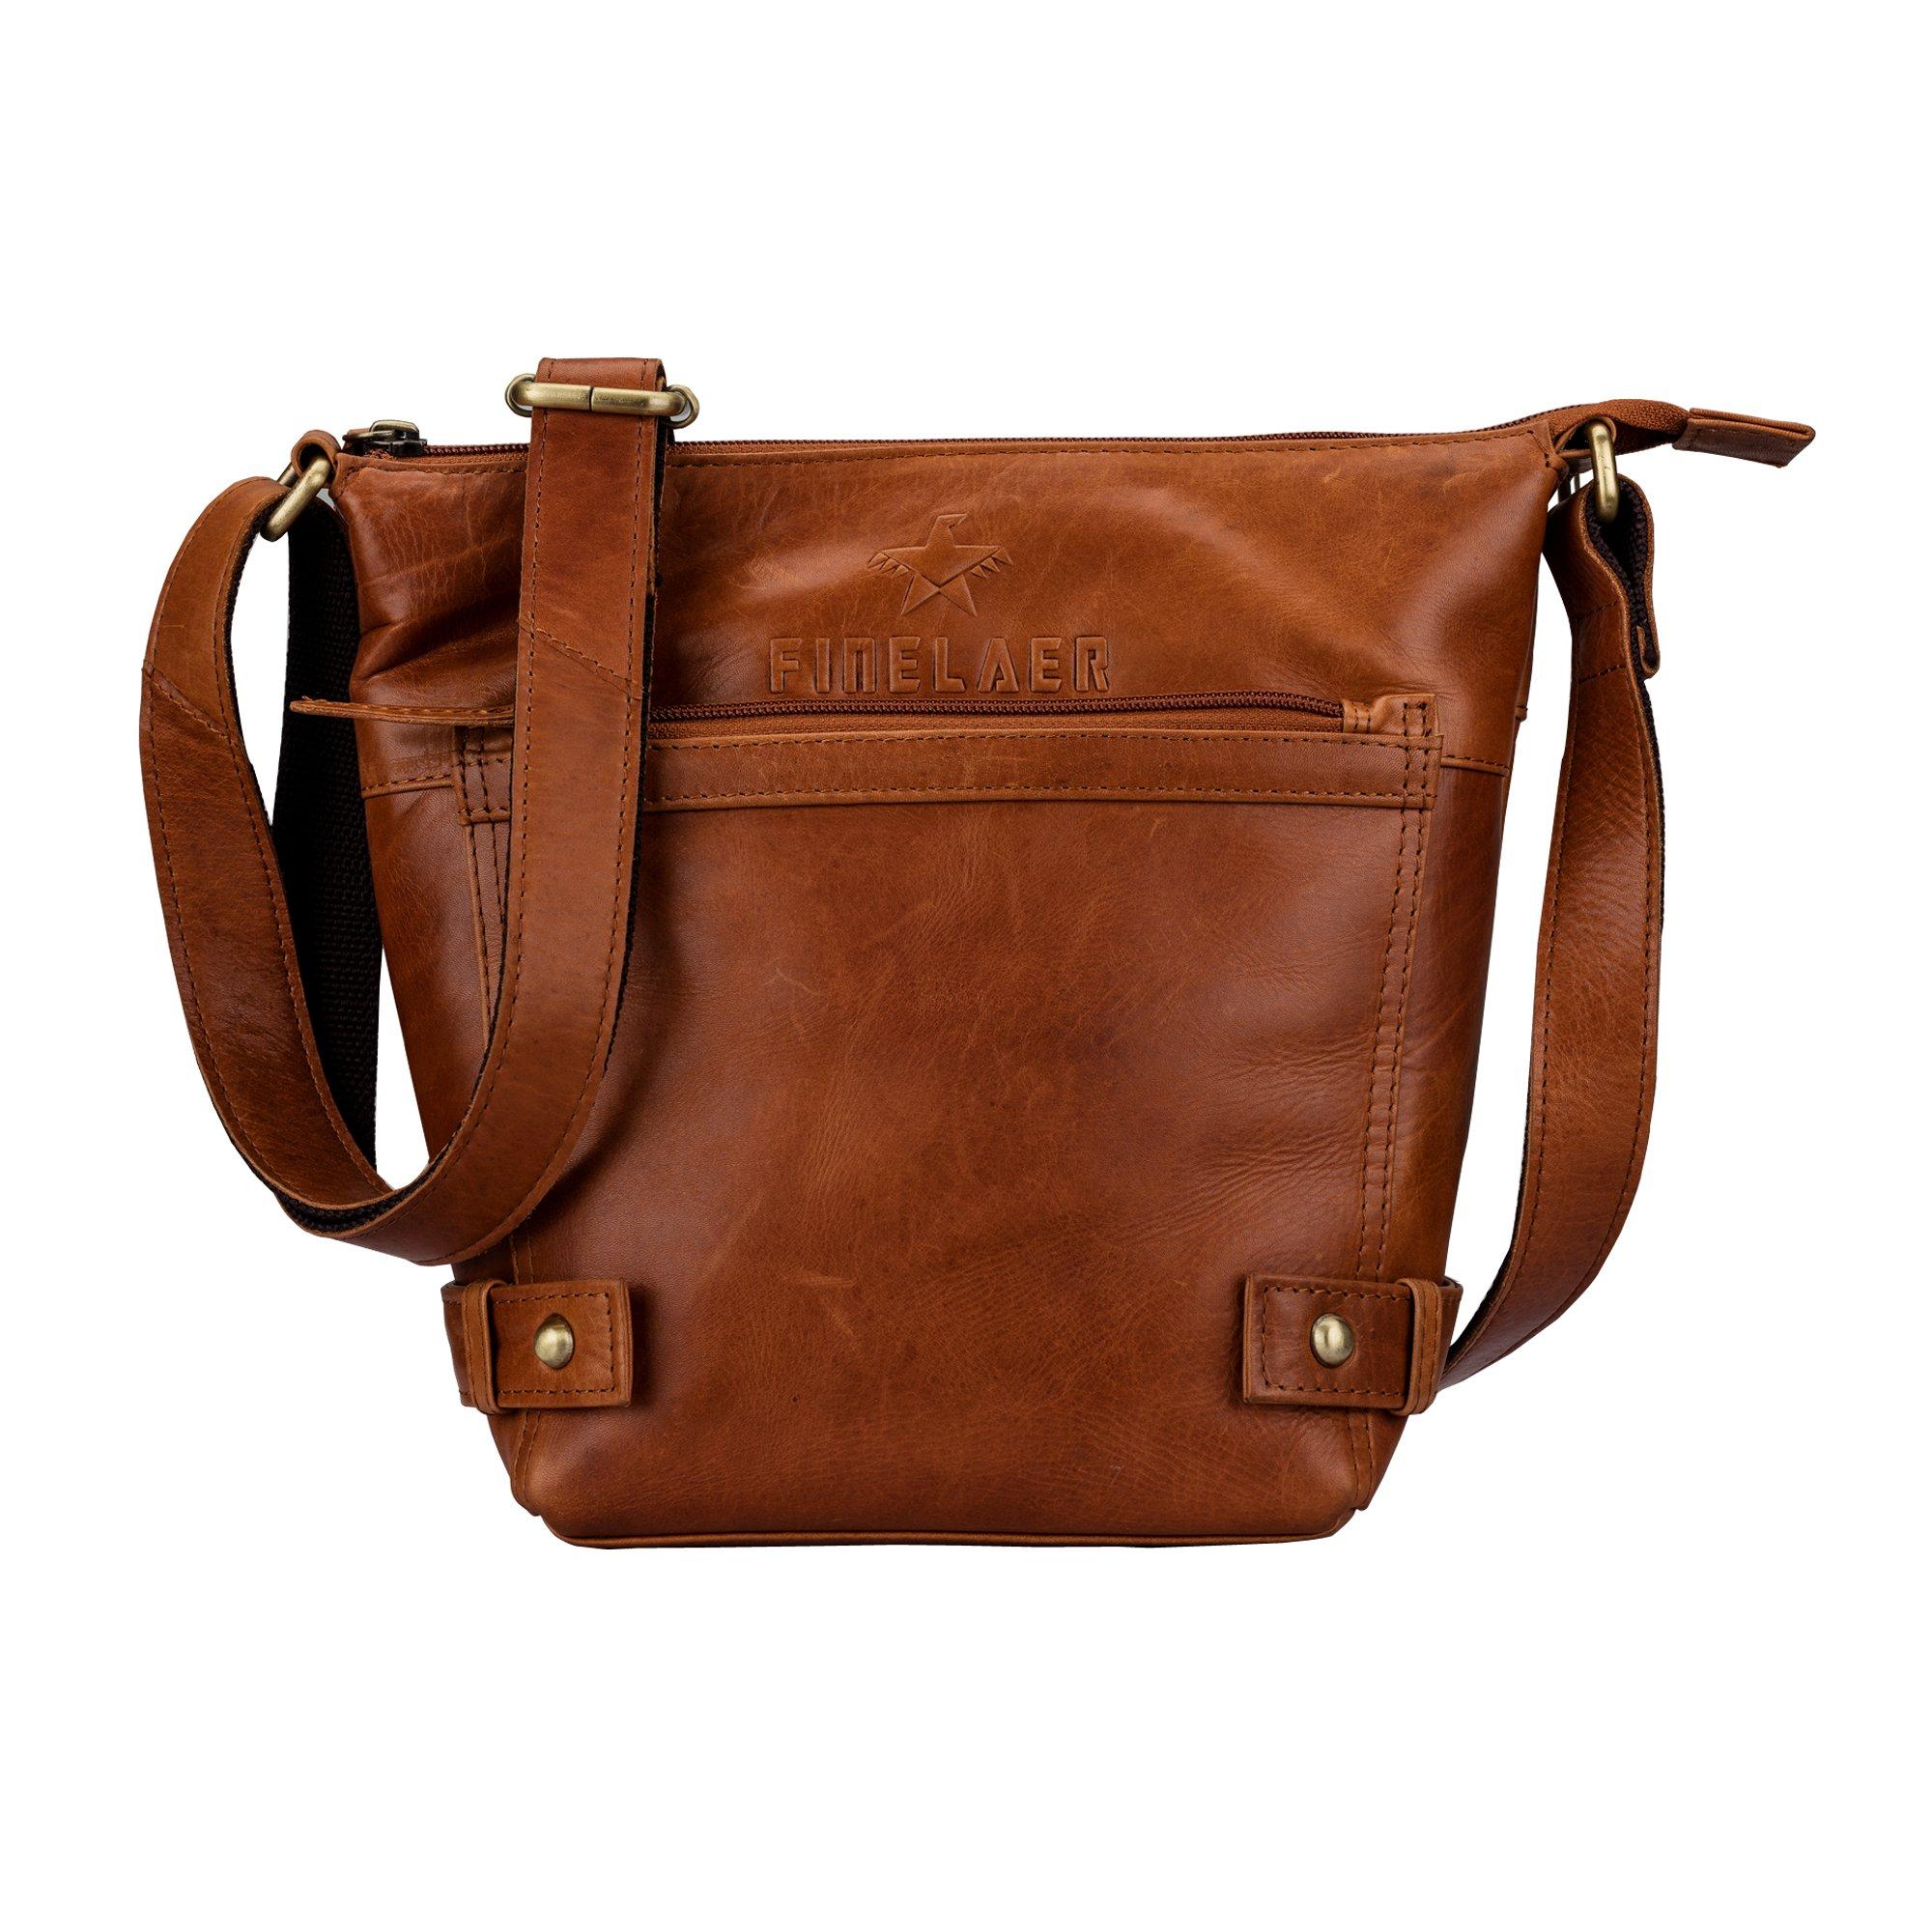 Women Vintage Leather Saddle Crossbody Bag Brown | Finelaer by FINELAER (Image #1)